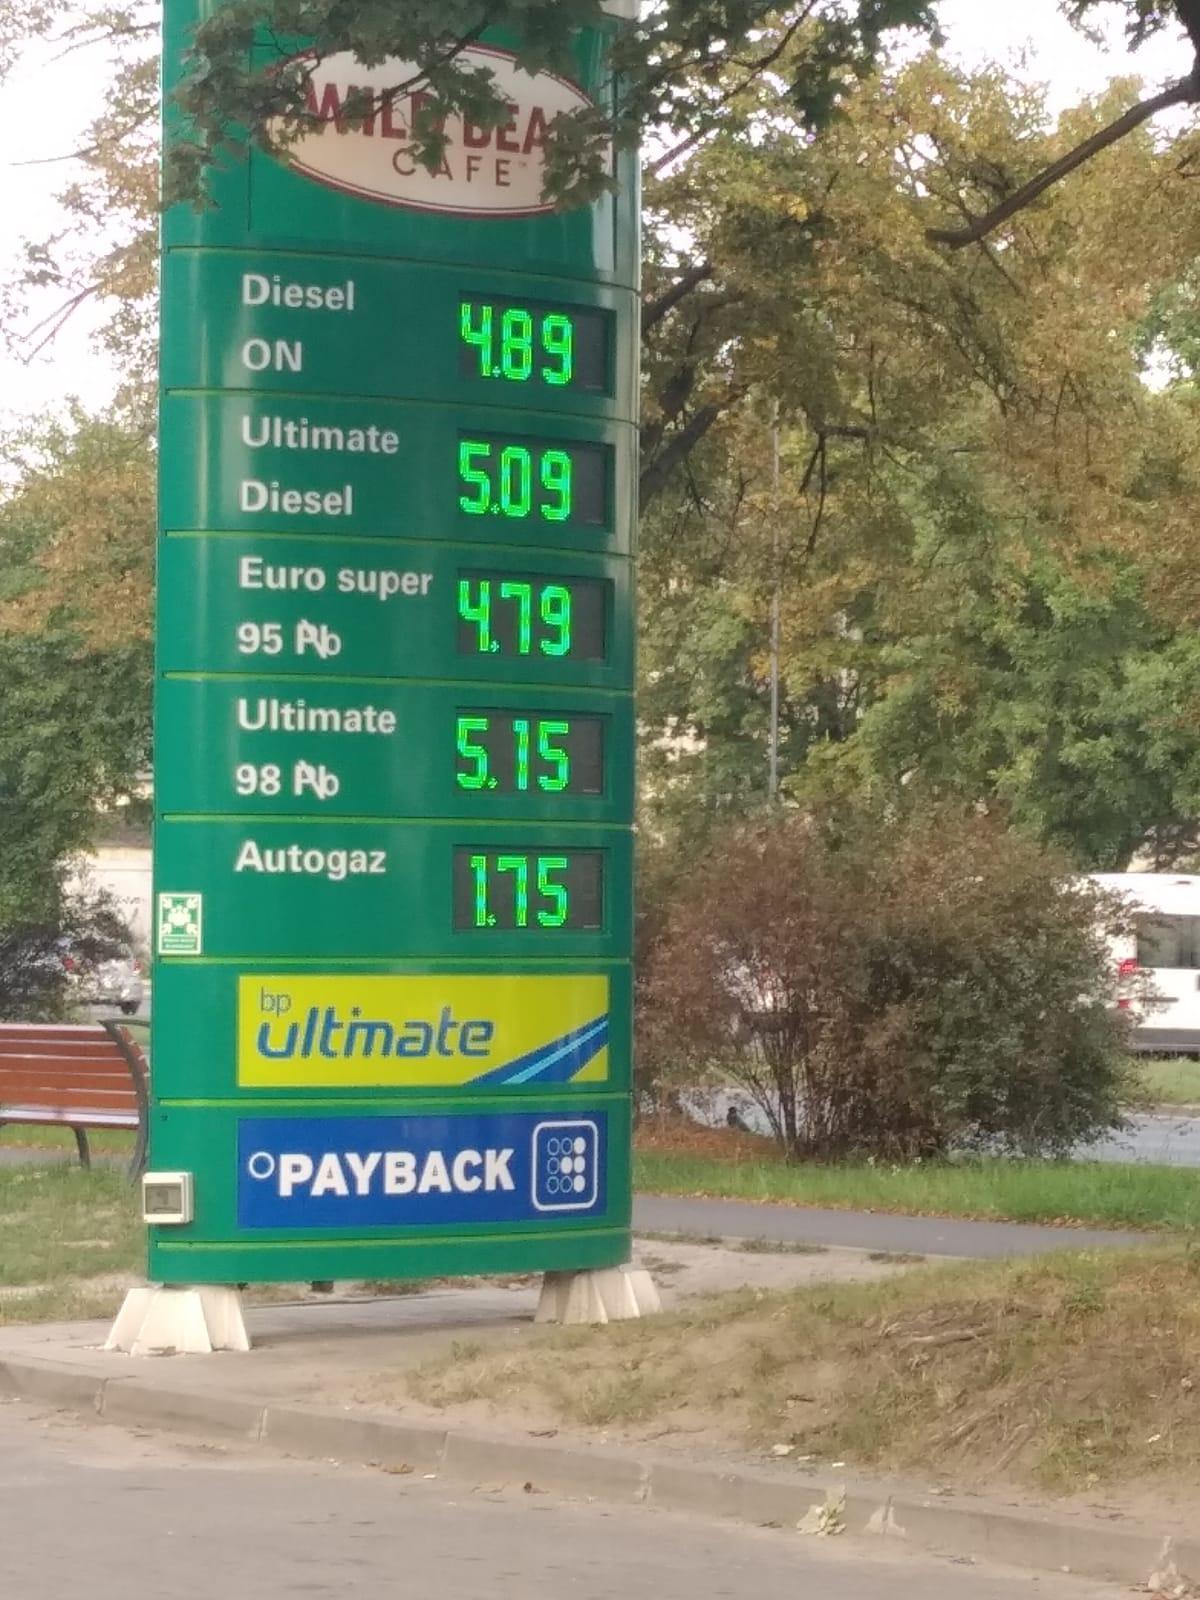 LPG za 1.75zl aleja Grzegorza Palki 3, Łódź